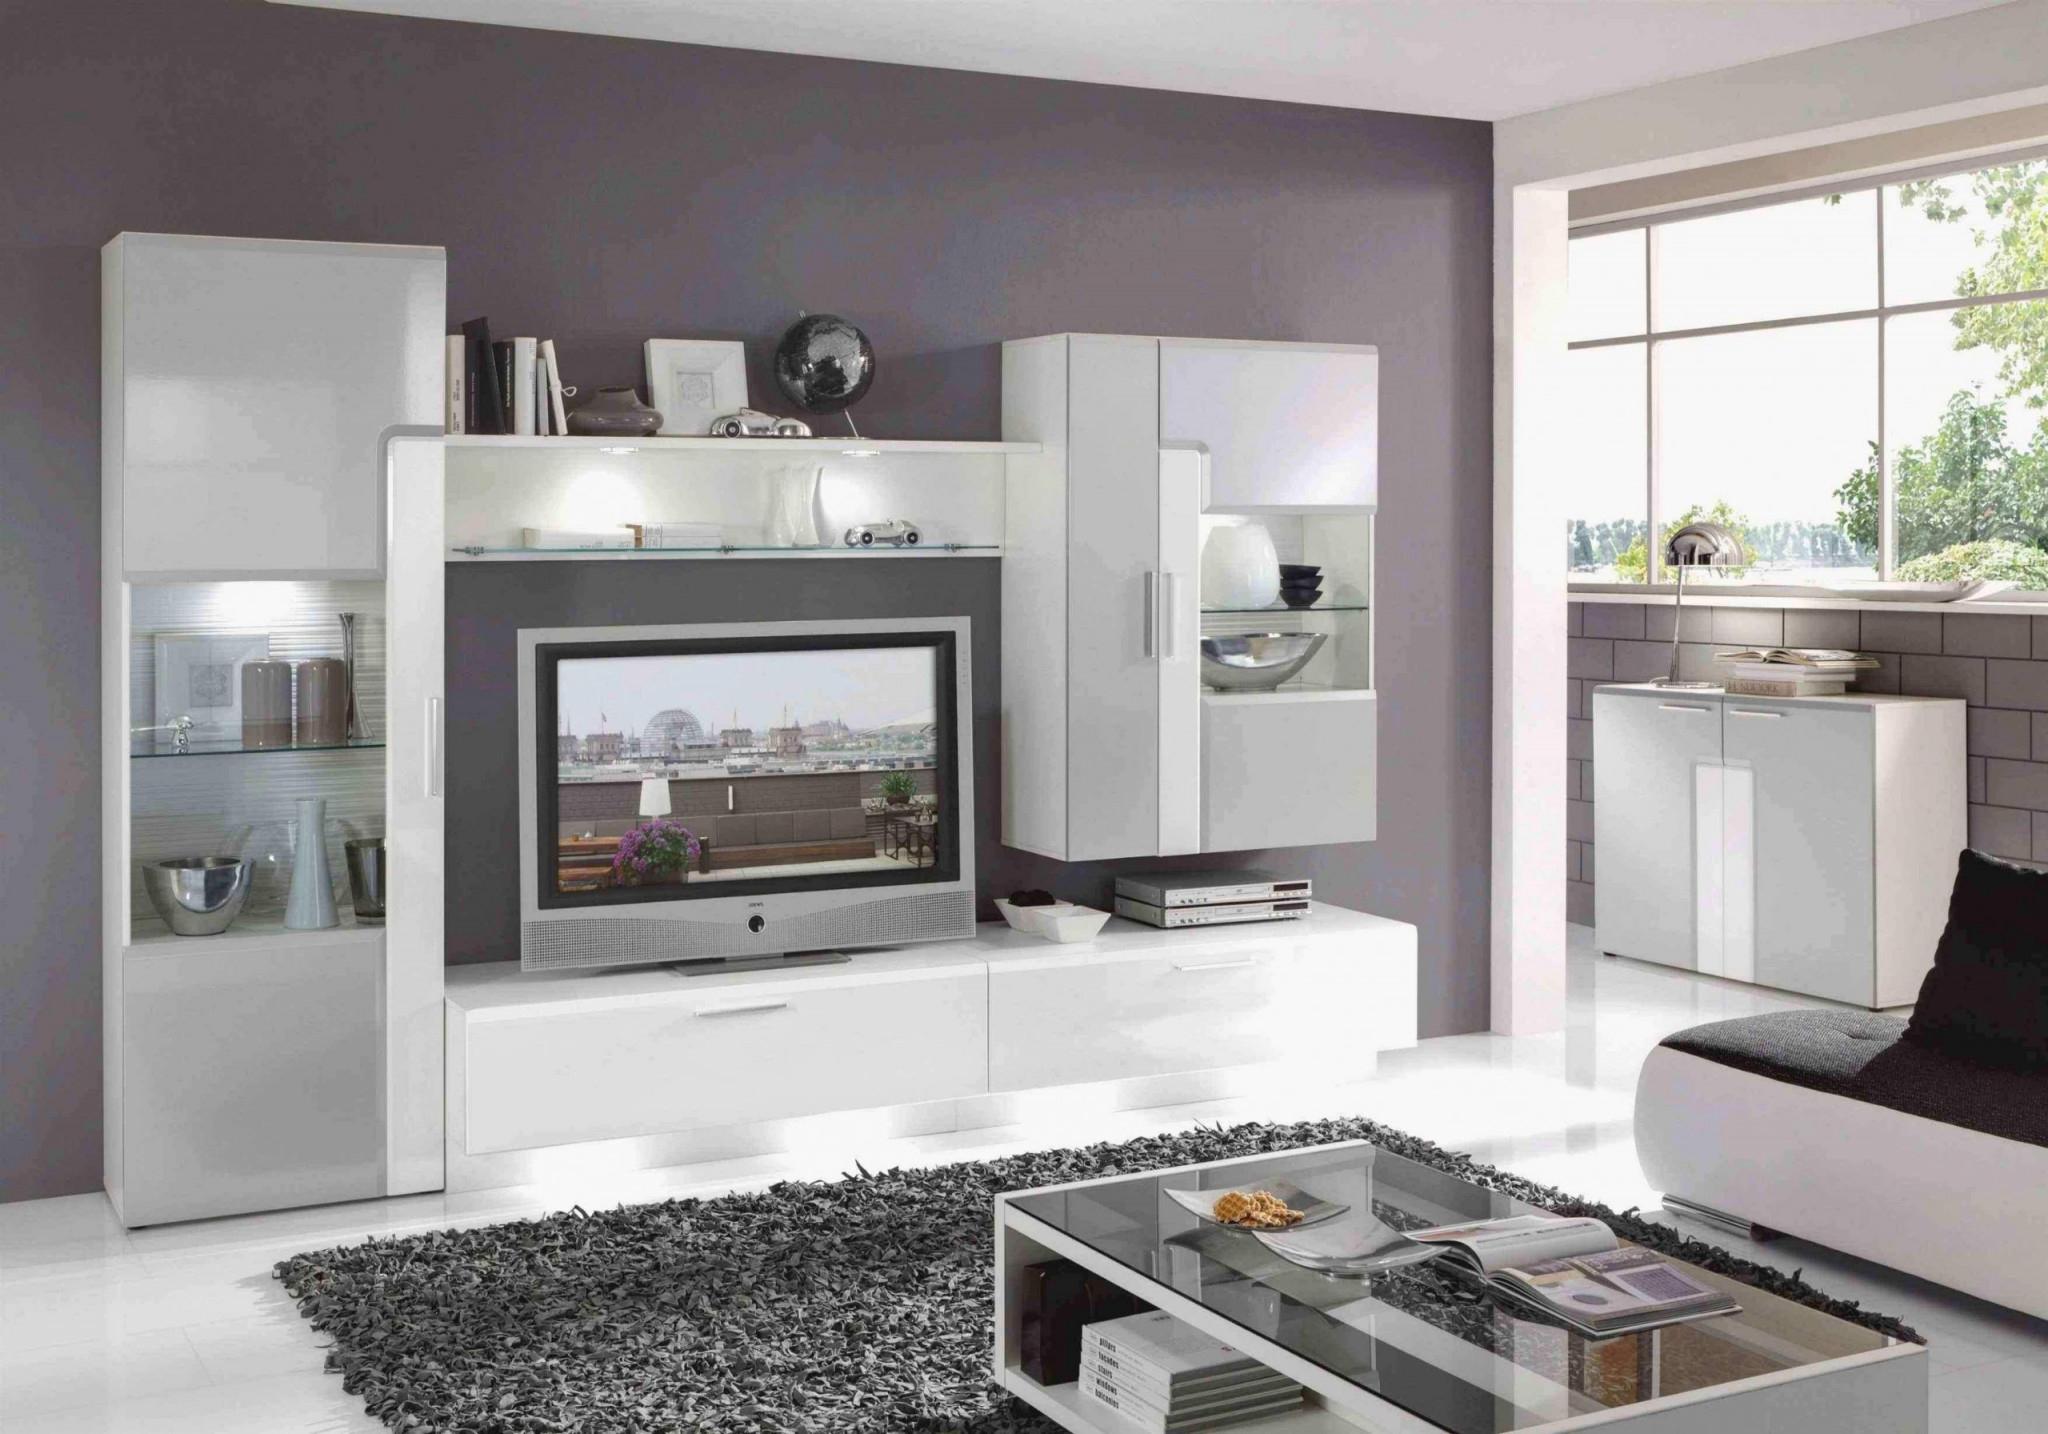 Wohnzimmer Farblich Gestalten Schön Luxury Wohnzimmer von Wohnzimmer Farblich Gestalten Bild